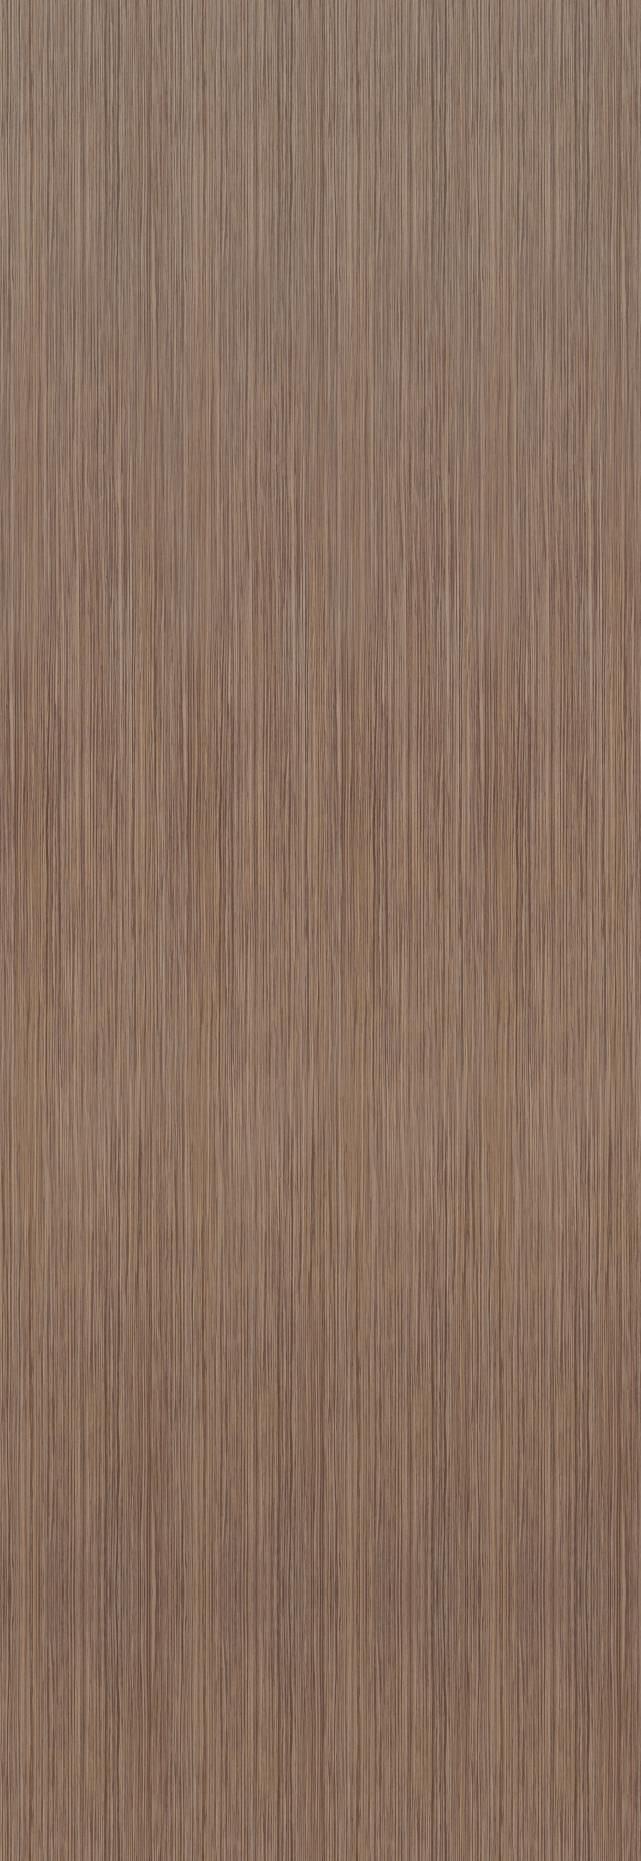 Tivoli А-1 Invisible цвет - Орех Без стекла (ДГ)